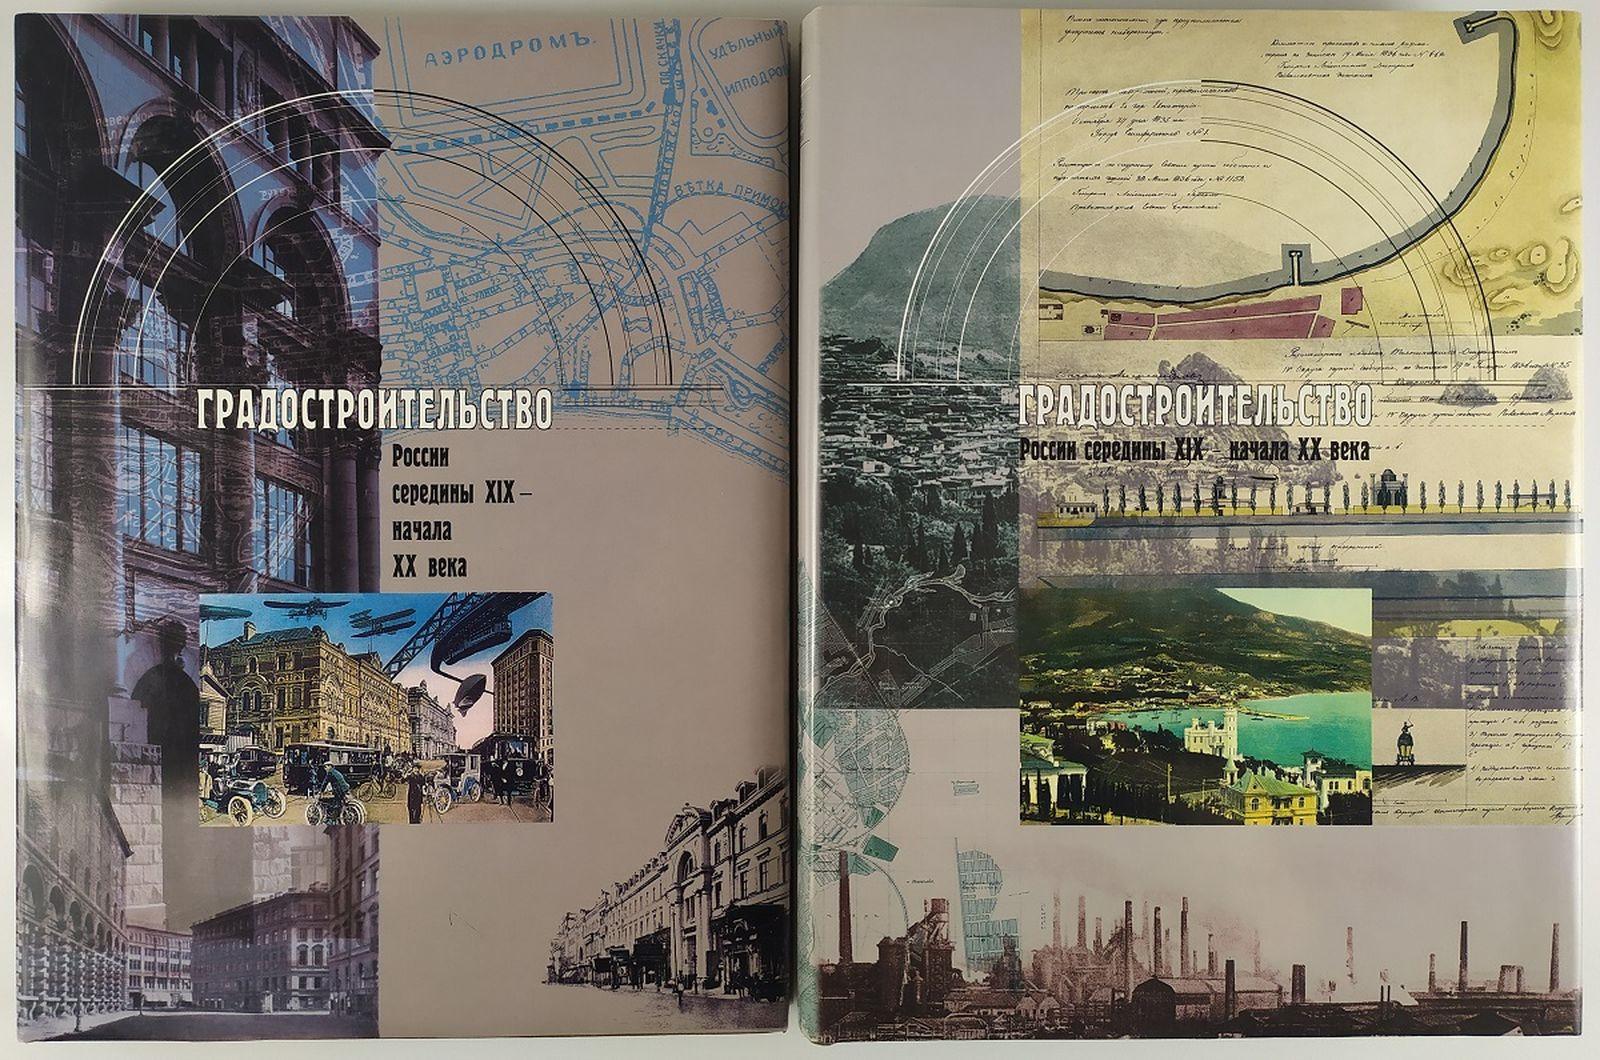 Градостроительство России середины XIX - начала XX века. Комплект из 2 книг